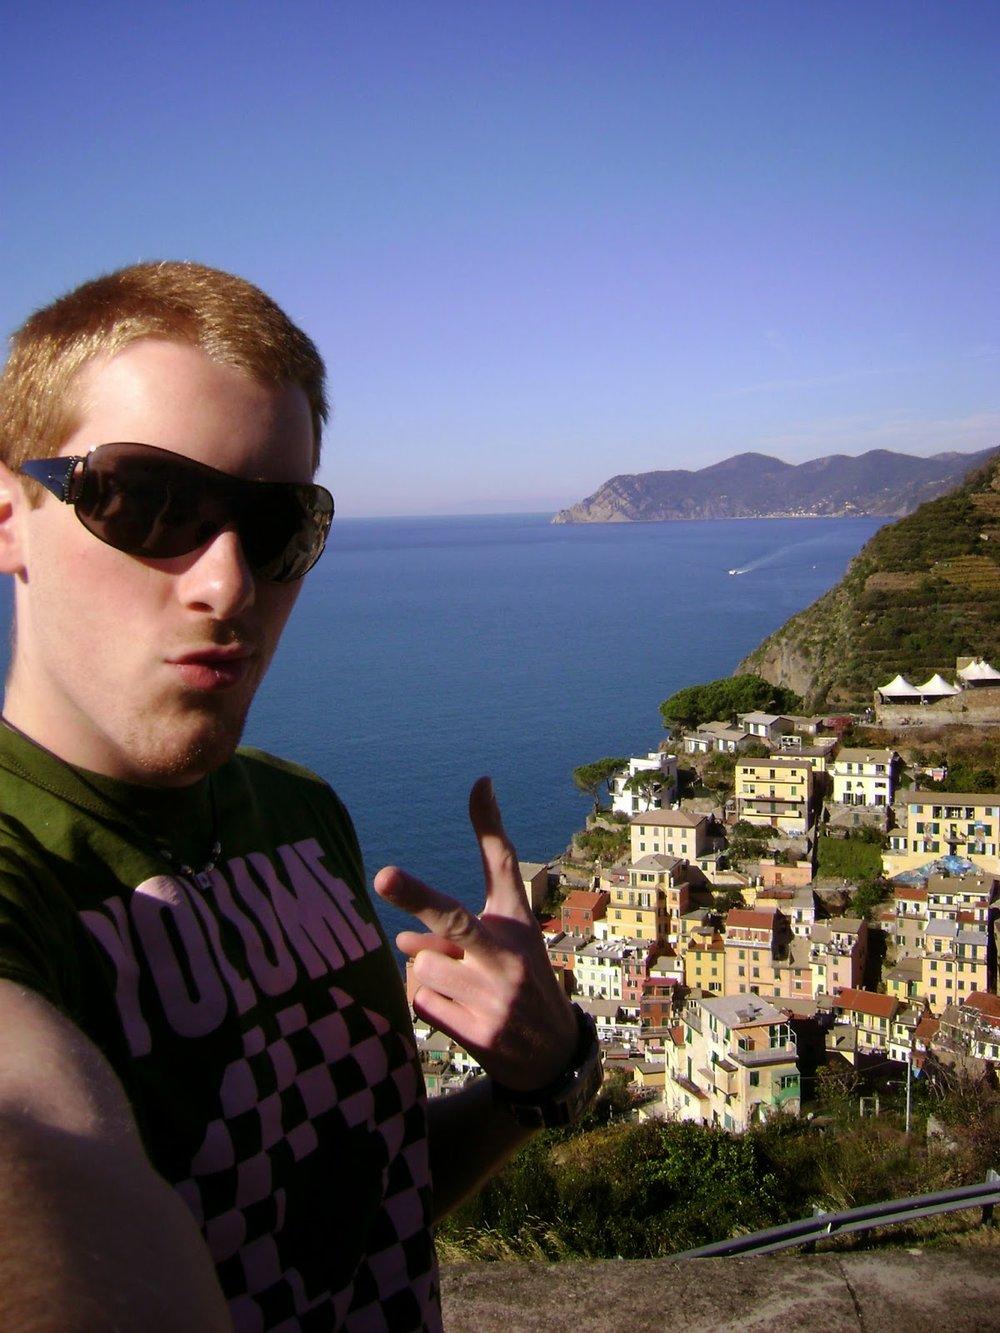 Riomaggiore in the Cinque Terre 2007